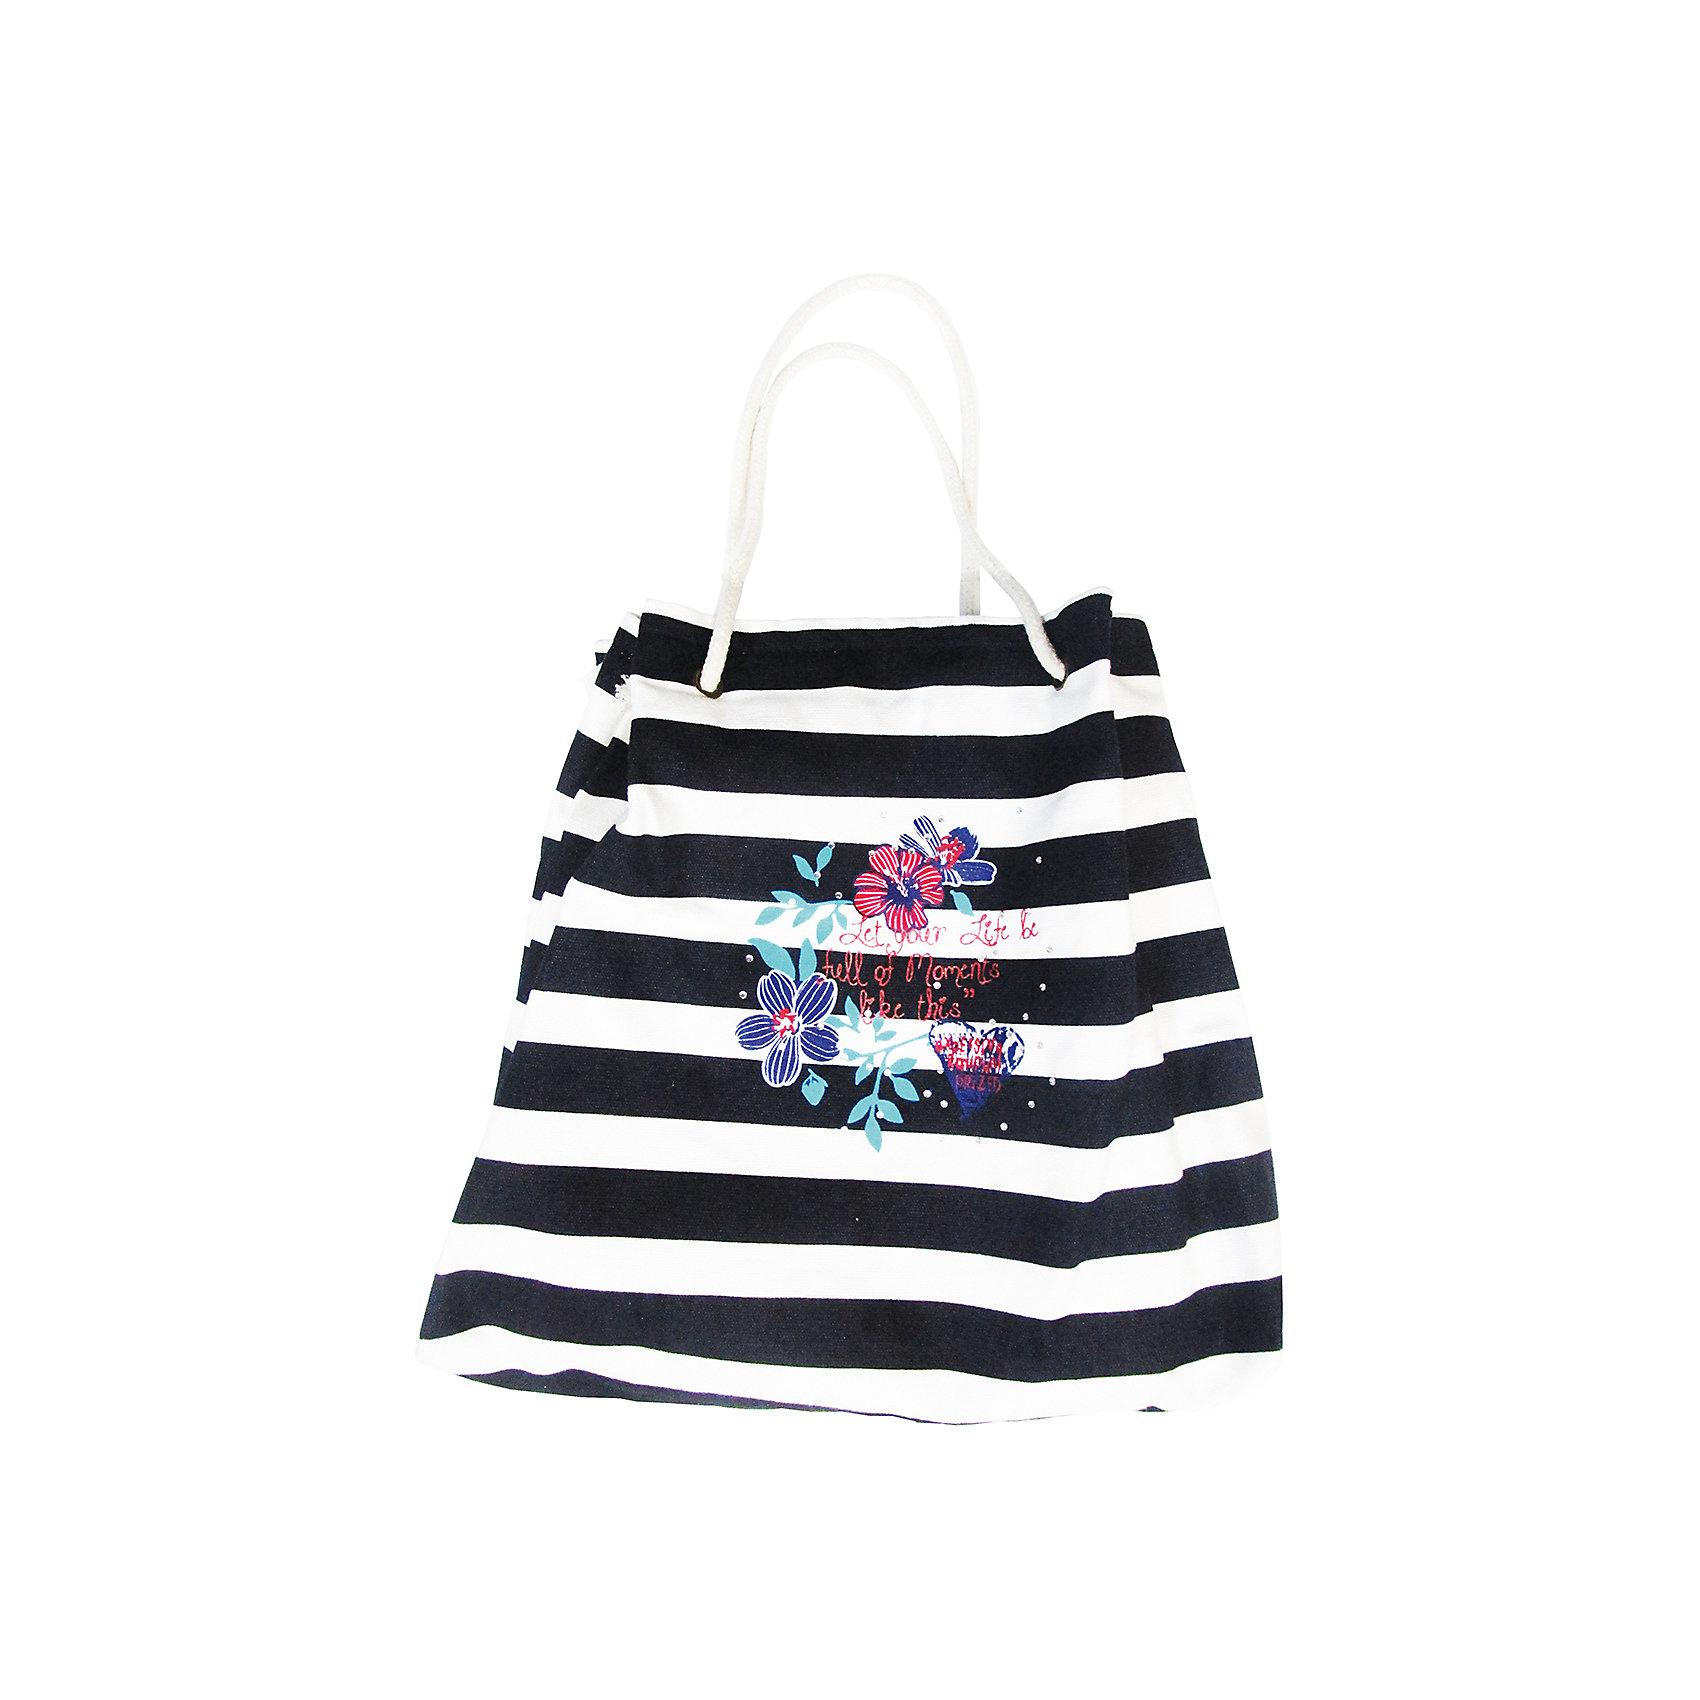 Сумка для девочки LuminosoДжинсовая одежда<br>Текстильная сумка для девочки в полоску декорированная цветочным принтом.<br>Состав:<br>100%хлопок,подкладка 100% полиэстер<br><br>Ширина мм: 170<br>Глубина мм: 157<br>Высота мм: 175<br>Вес г: 117<br>Цвет: разноцветный<br>Возраст от месяцев: 24<br>Возраст до месяцев: 144<br>Пол: Женский<br>Возраст: Детский<br>Размер: one size<br>SKU: 5413511